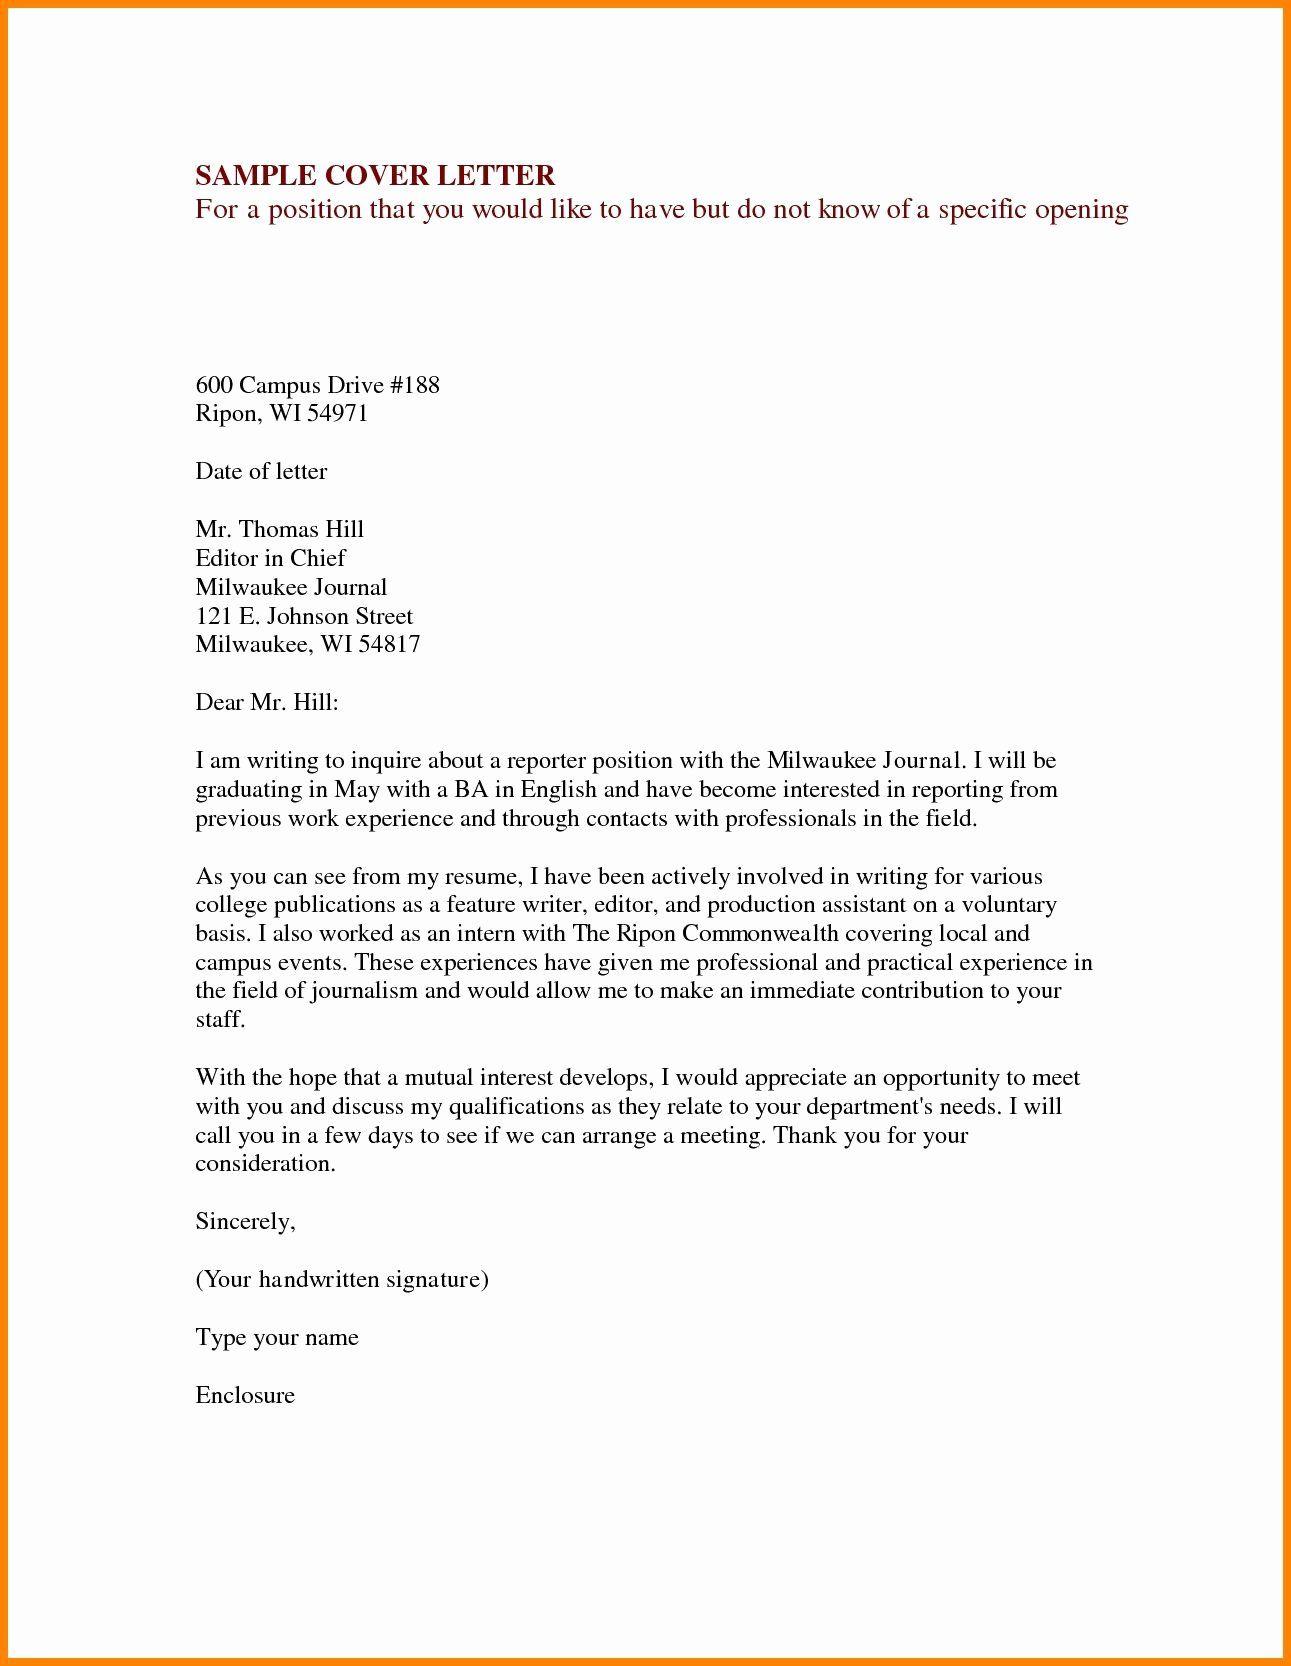 Resume inquiry letter sample buy custom phd essay on pokemon go